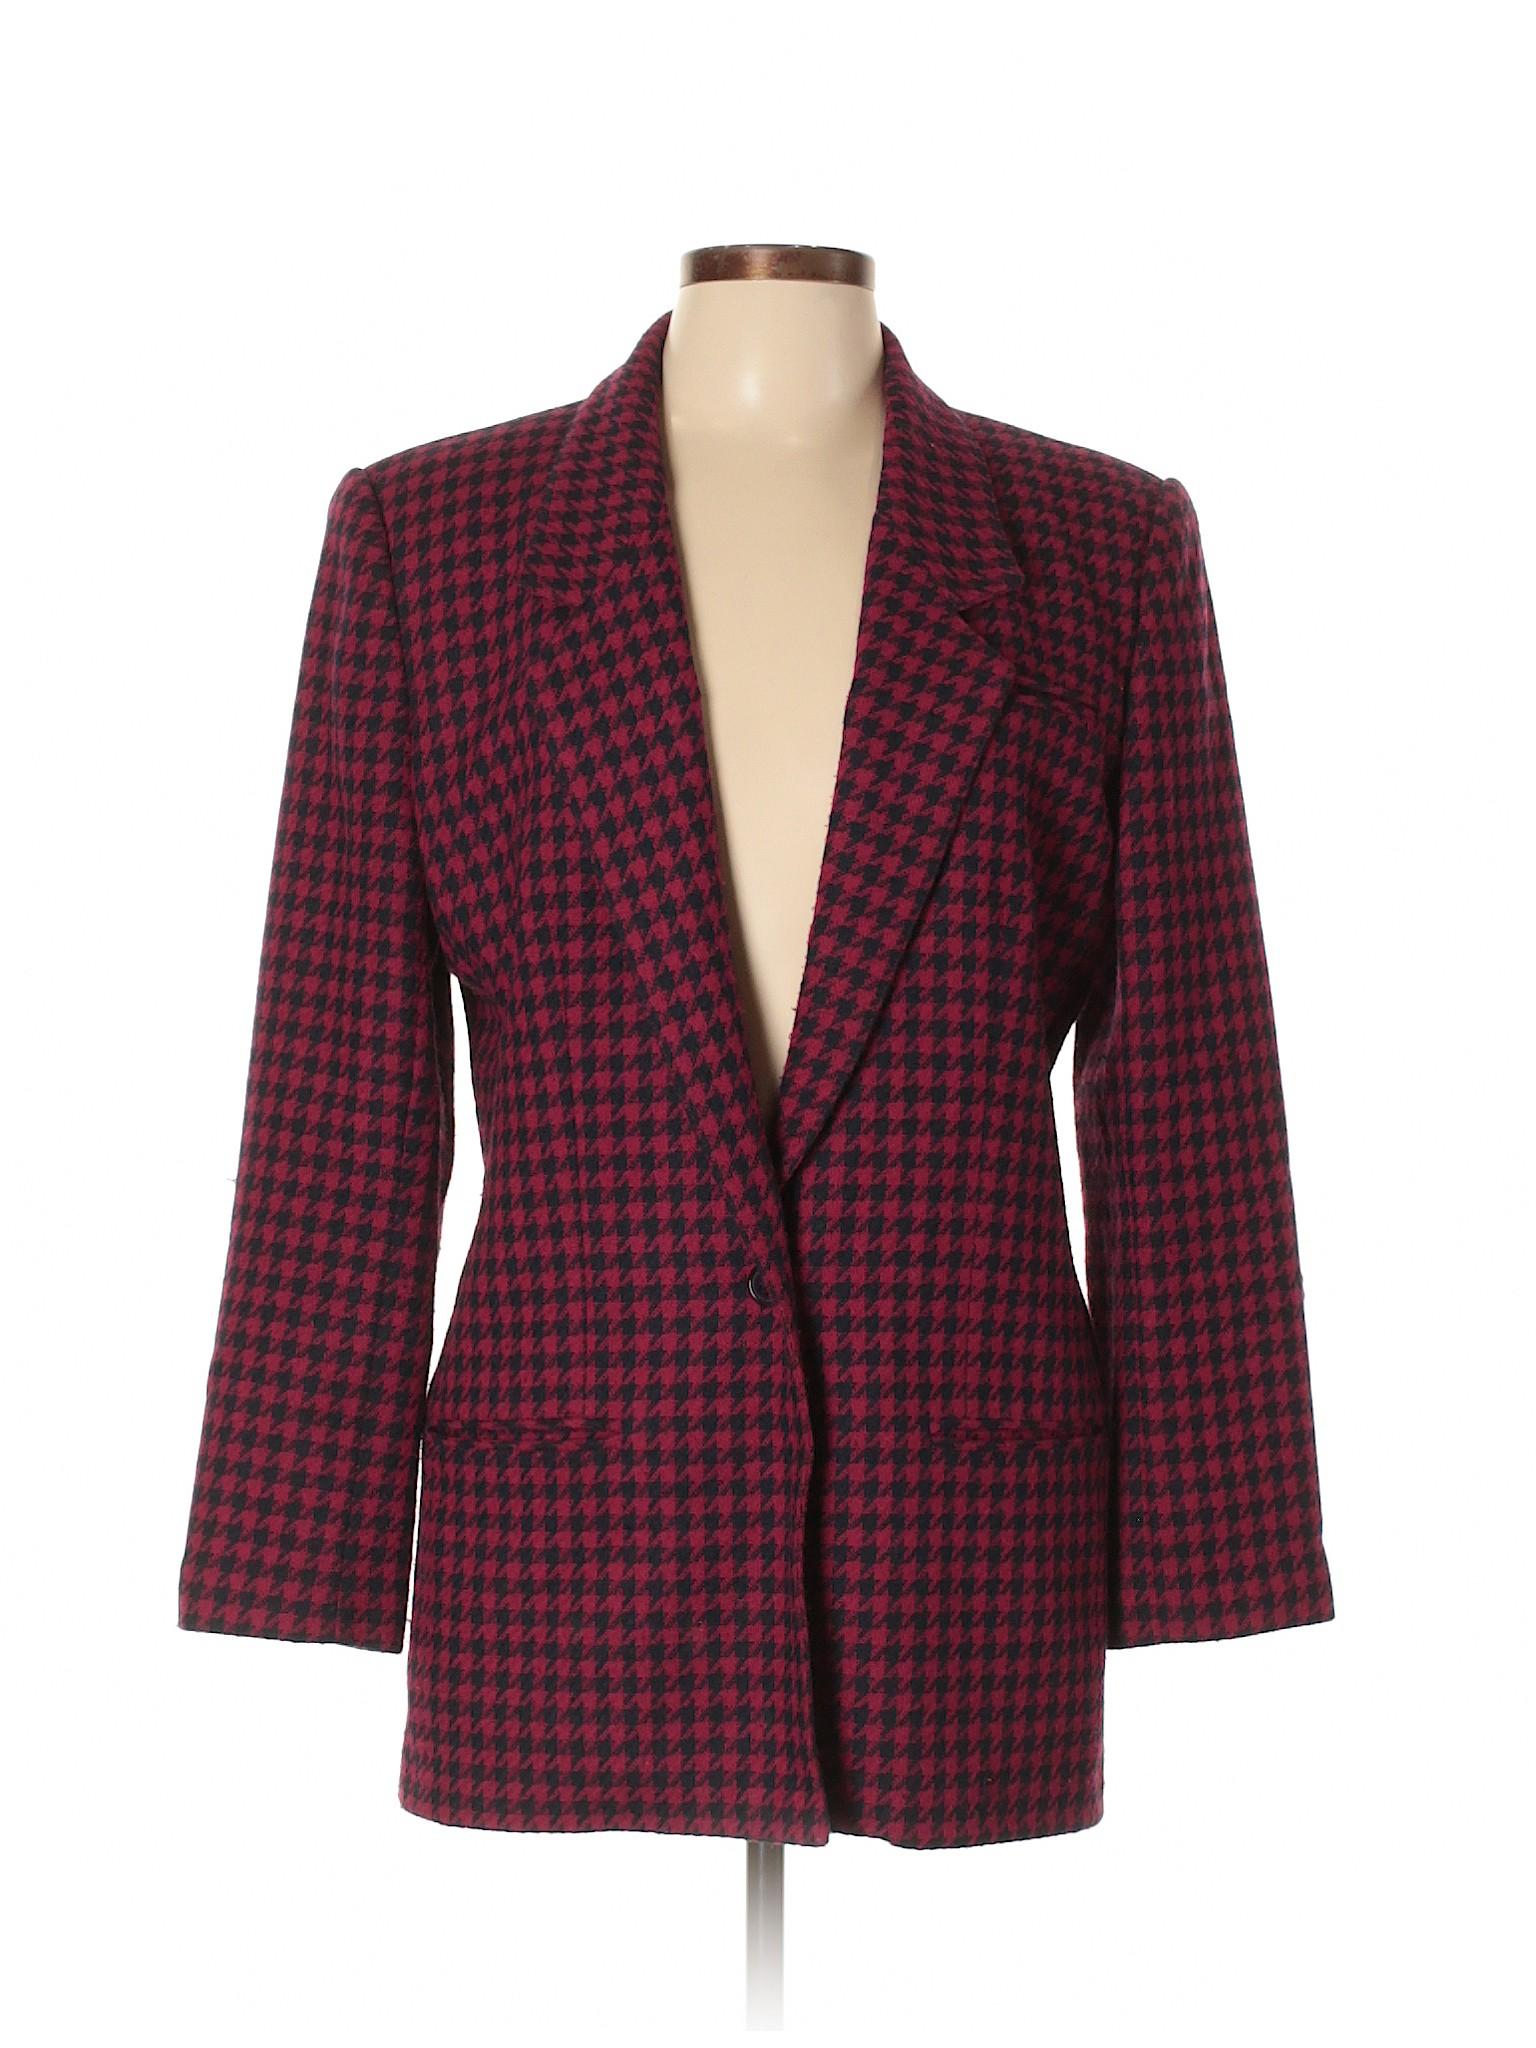 Blazer Company winter SK Wool amp; Boutique XPa8c